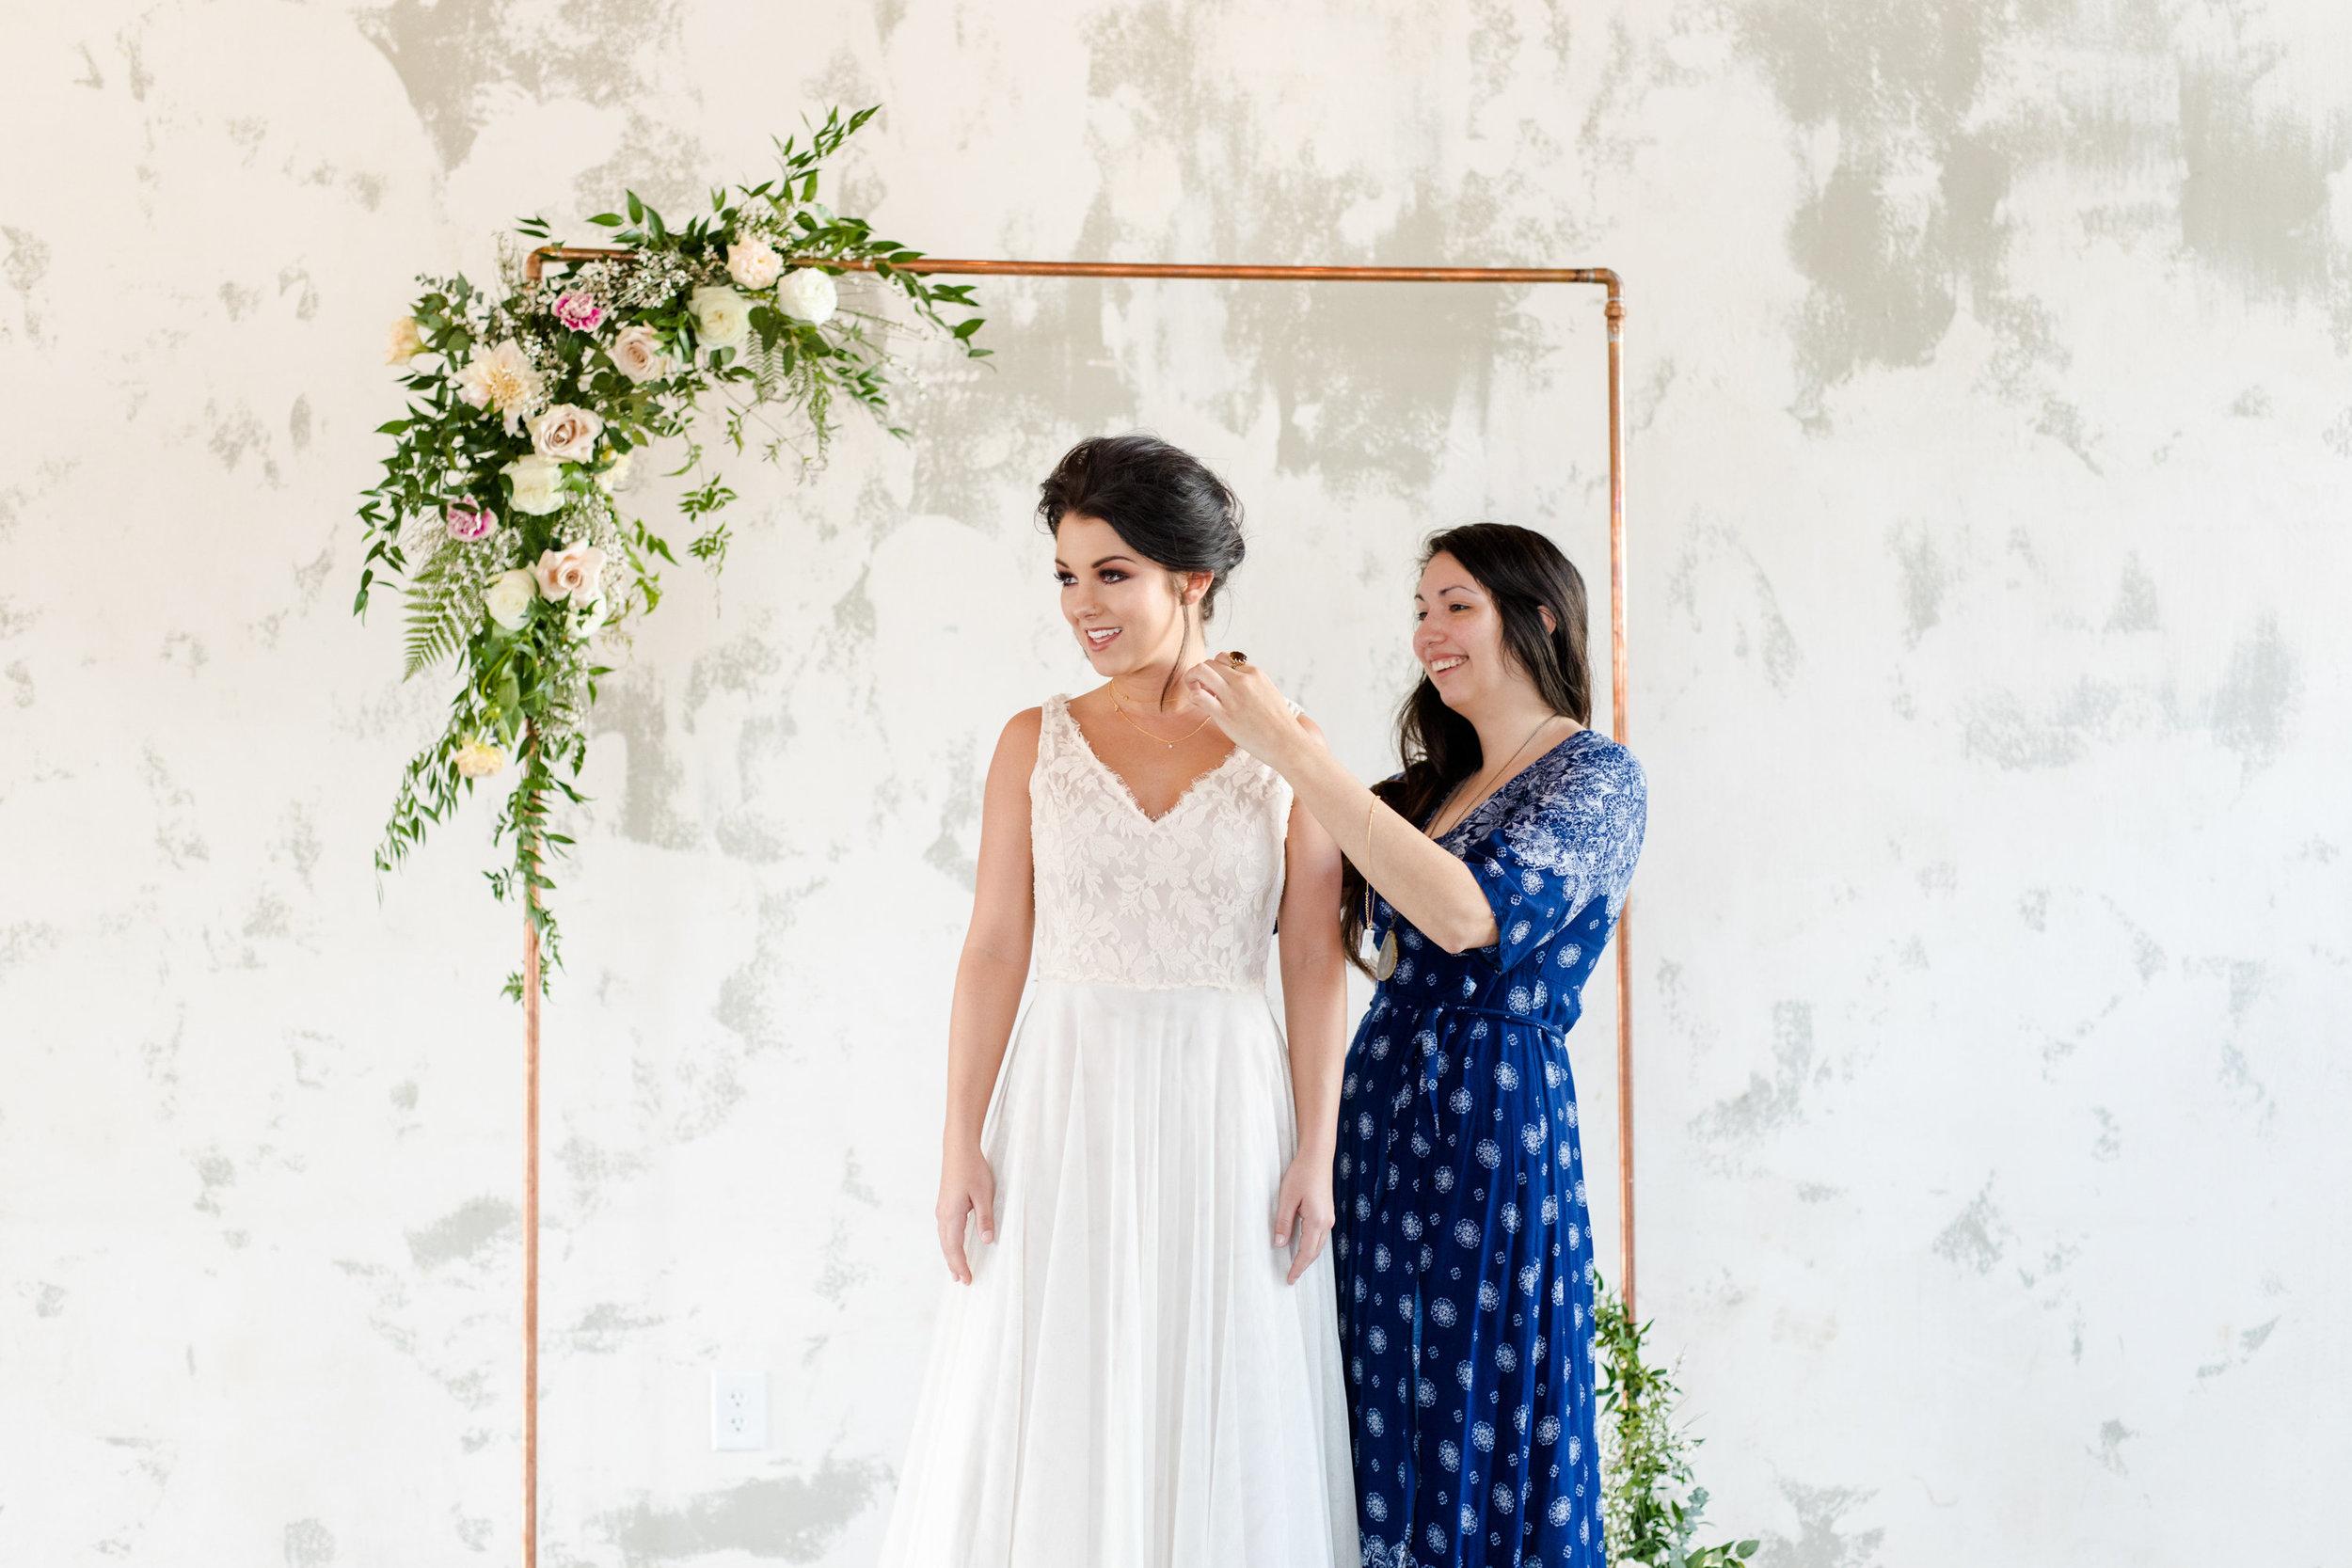 Impression Bridal San Antonio Bridal Salons San Antonio Tx